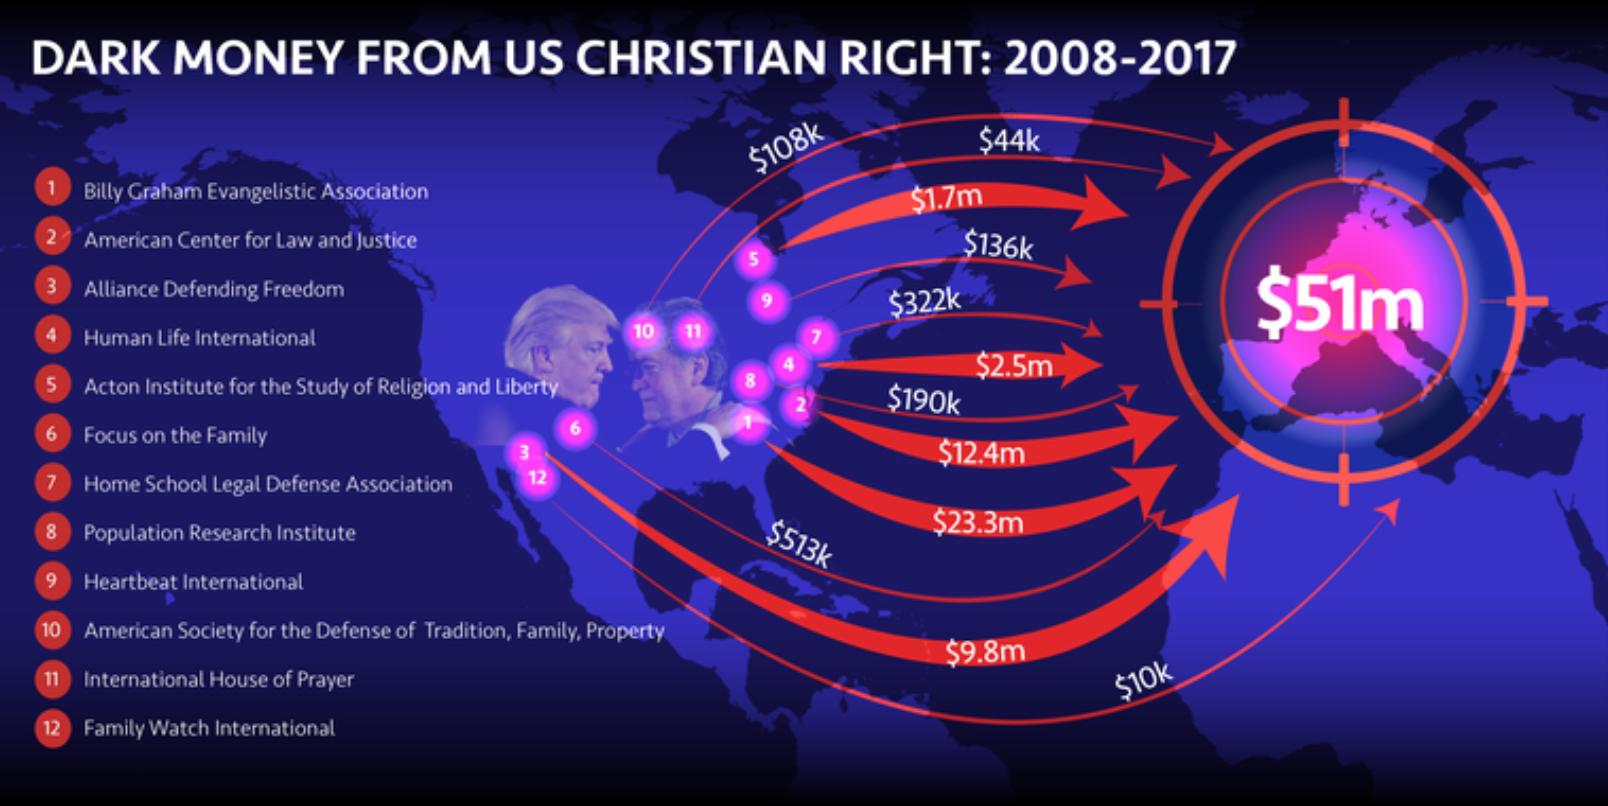 """Näin yhdysvaltalaisten konservatiivisten kristittyjen rahavirrat siirtyvät Euroopan konservatiiveille ja äärioikeistolle. Lähde:  """"Revealed: Trump-linked US Christian 'fundamentalists' pour millions of 'dark money' into Europe, boosting the far right"""" , Open Democracy."""